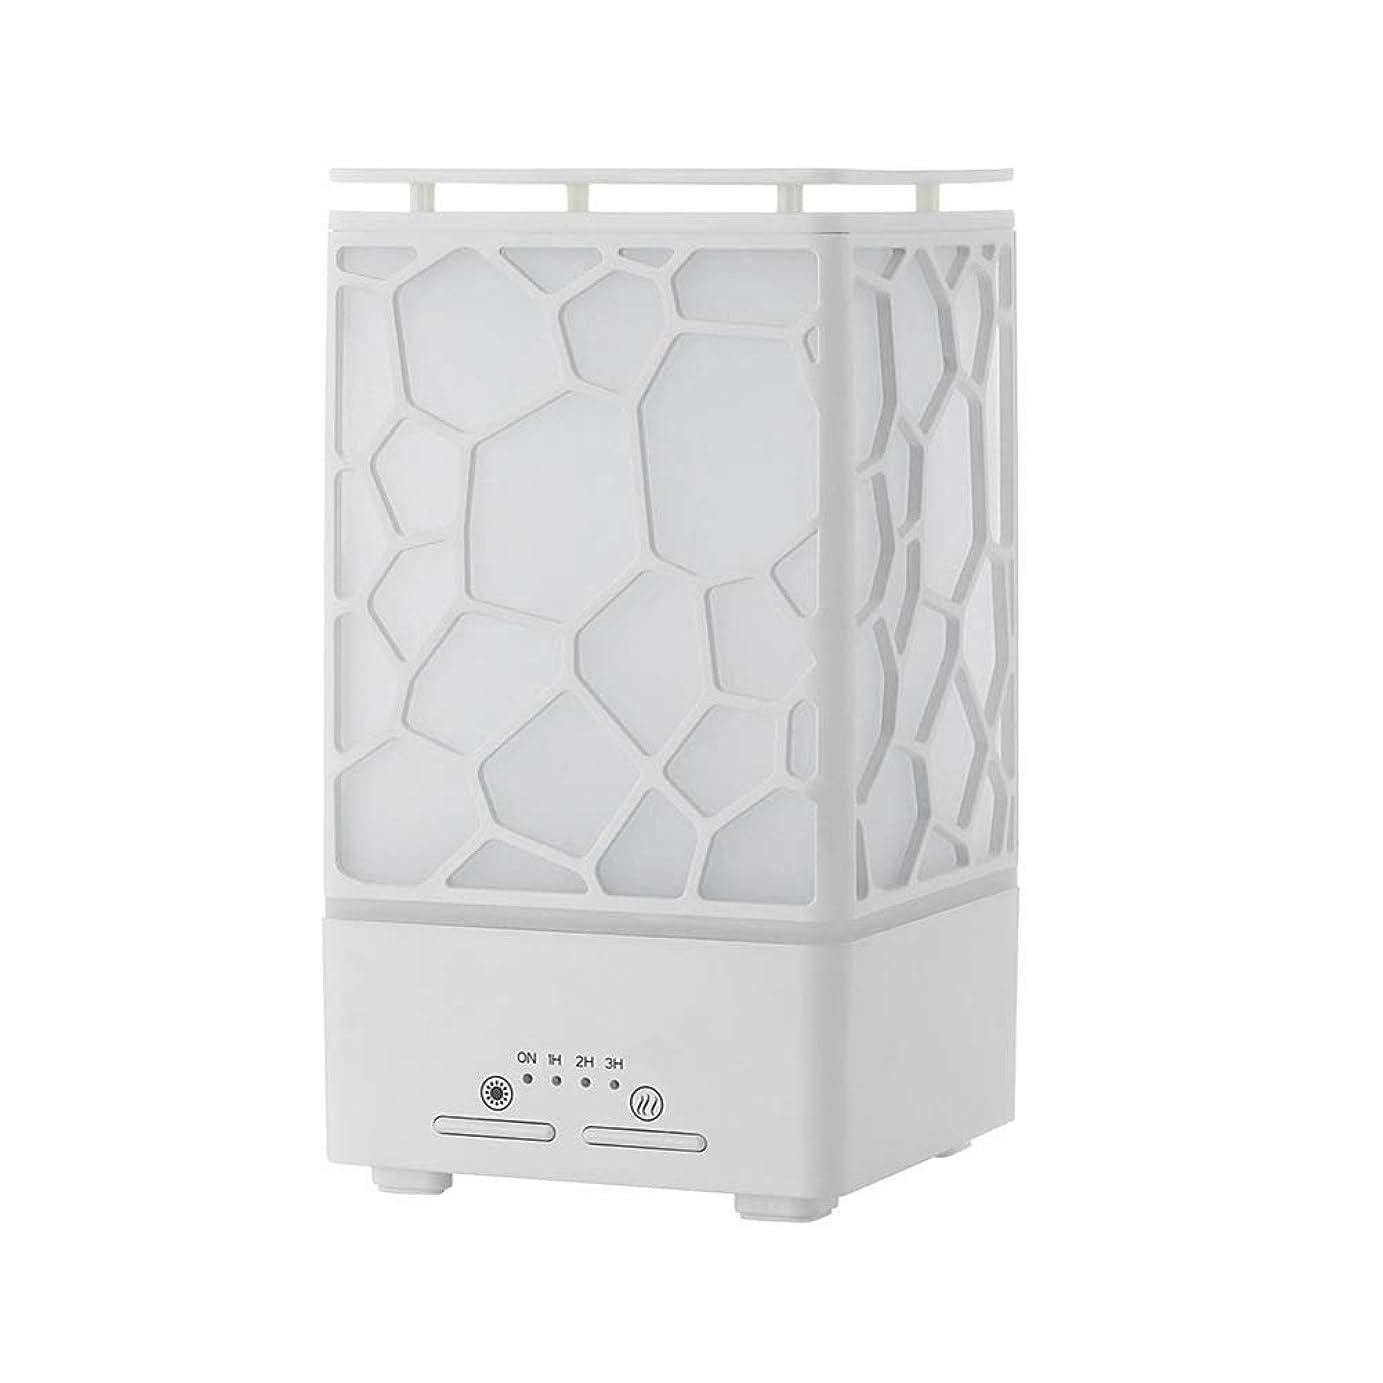 仮定するセットアップ物理的なデスク ミニ ウォーターキューブ 加湿器,涼しい霧 精油 ディフューザー 超音波式 香り 加湿機 時間 7 色 ホーム Yoga スパ オフィス- 200ml